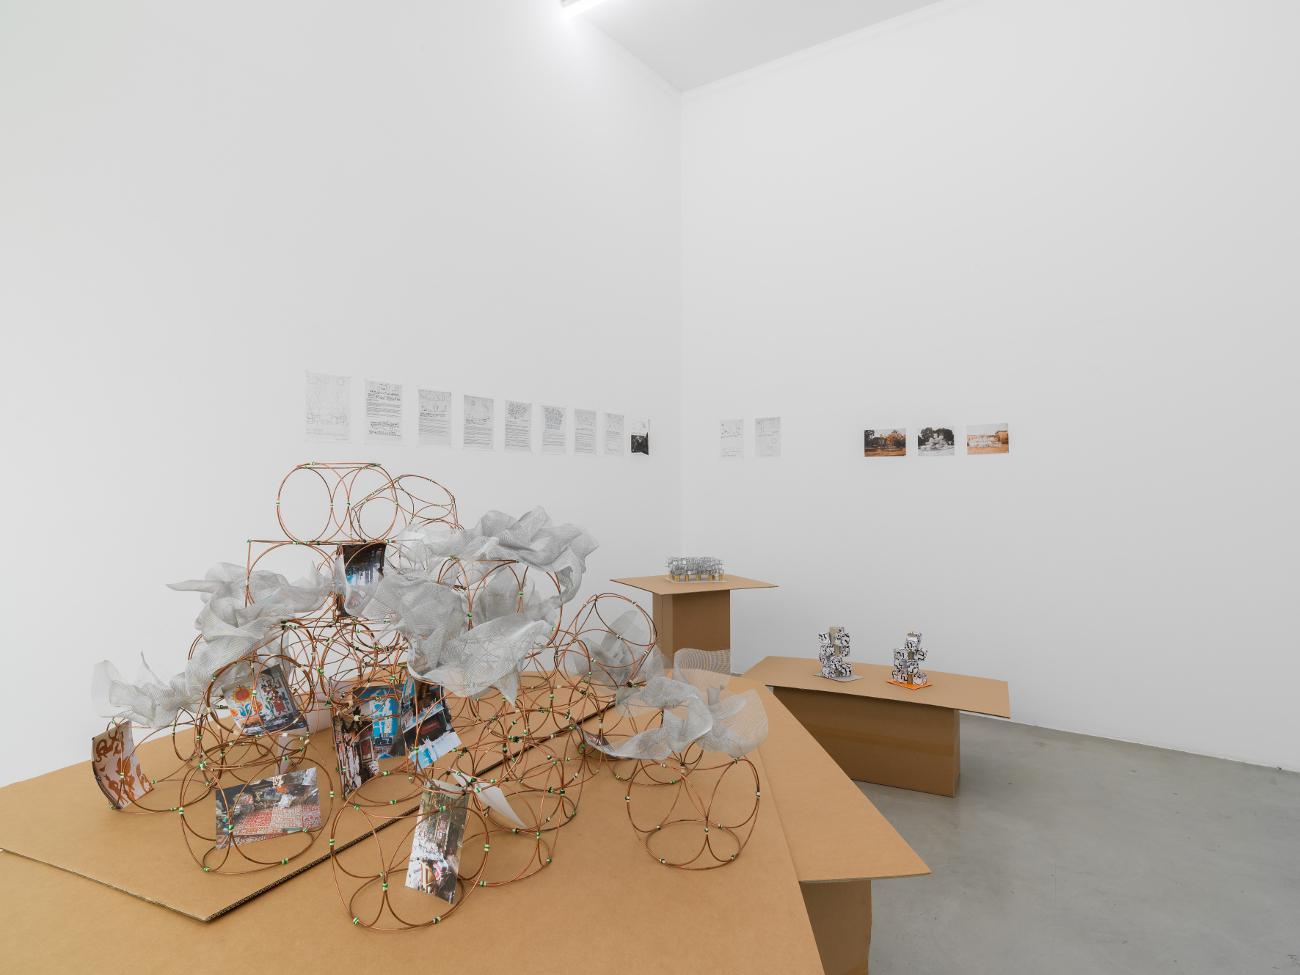 Yona Friedman | sculpting the void. une proposition de Yona Friedman avec Le Fonds de Dotation Denise et Yona Friedman, at Francesca Minini, Milan